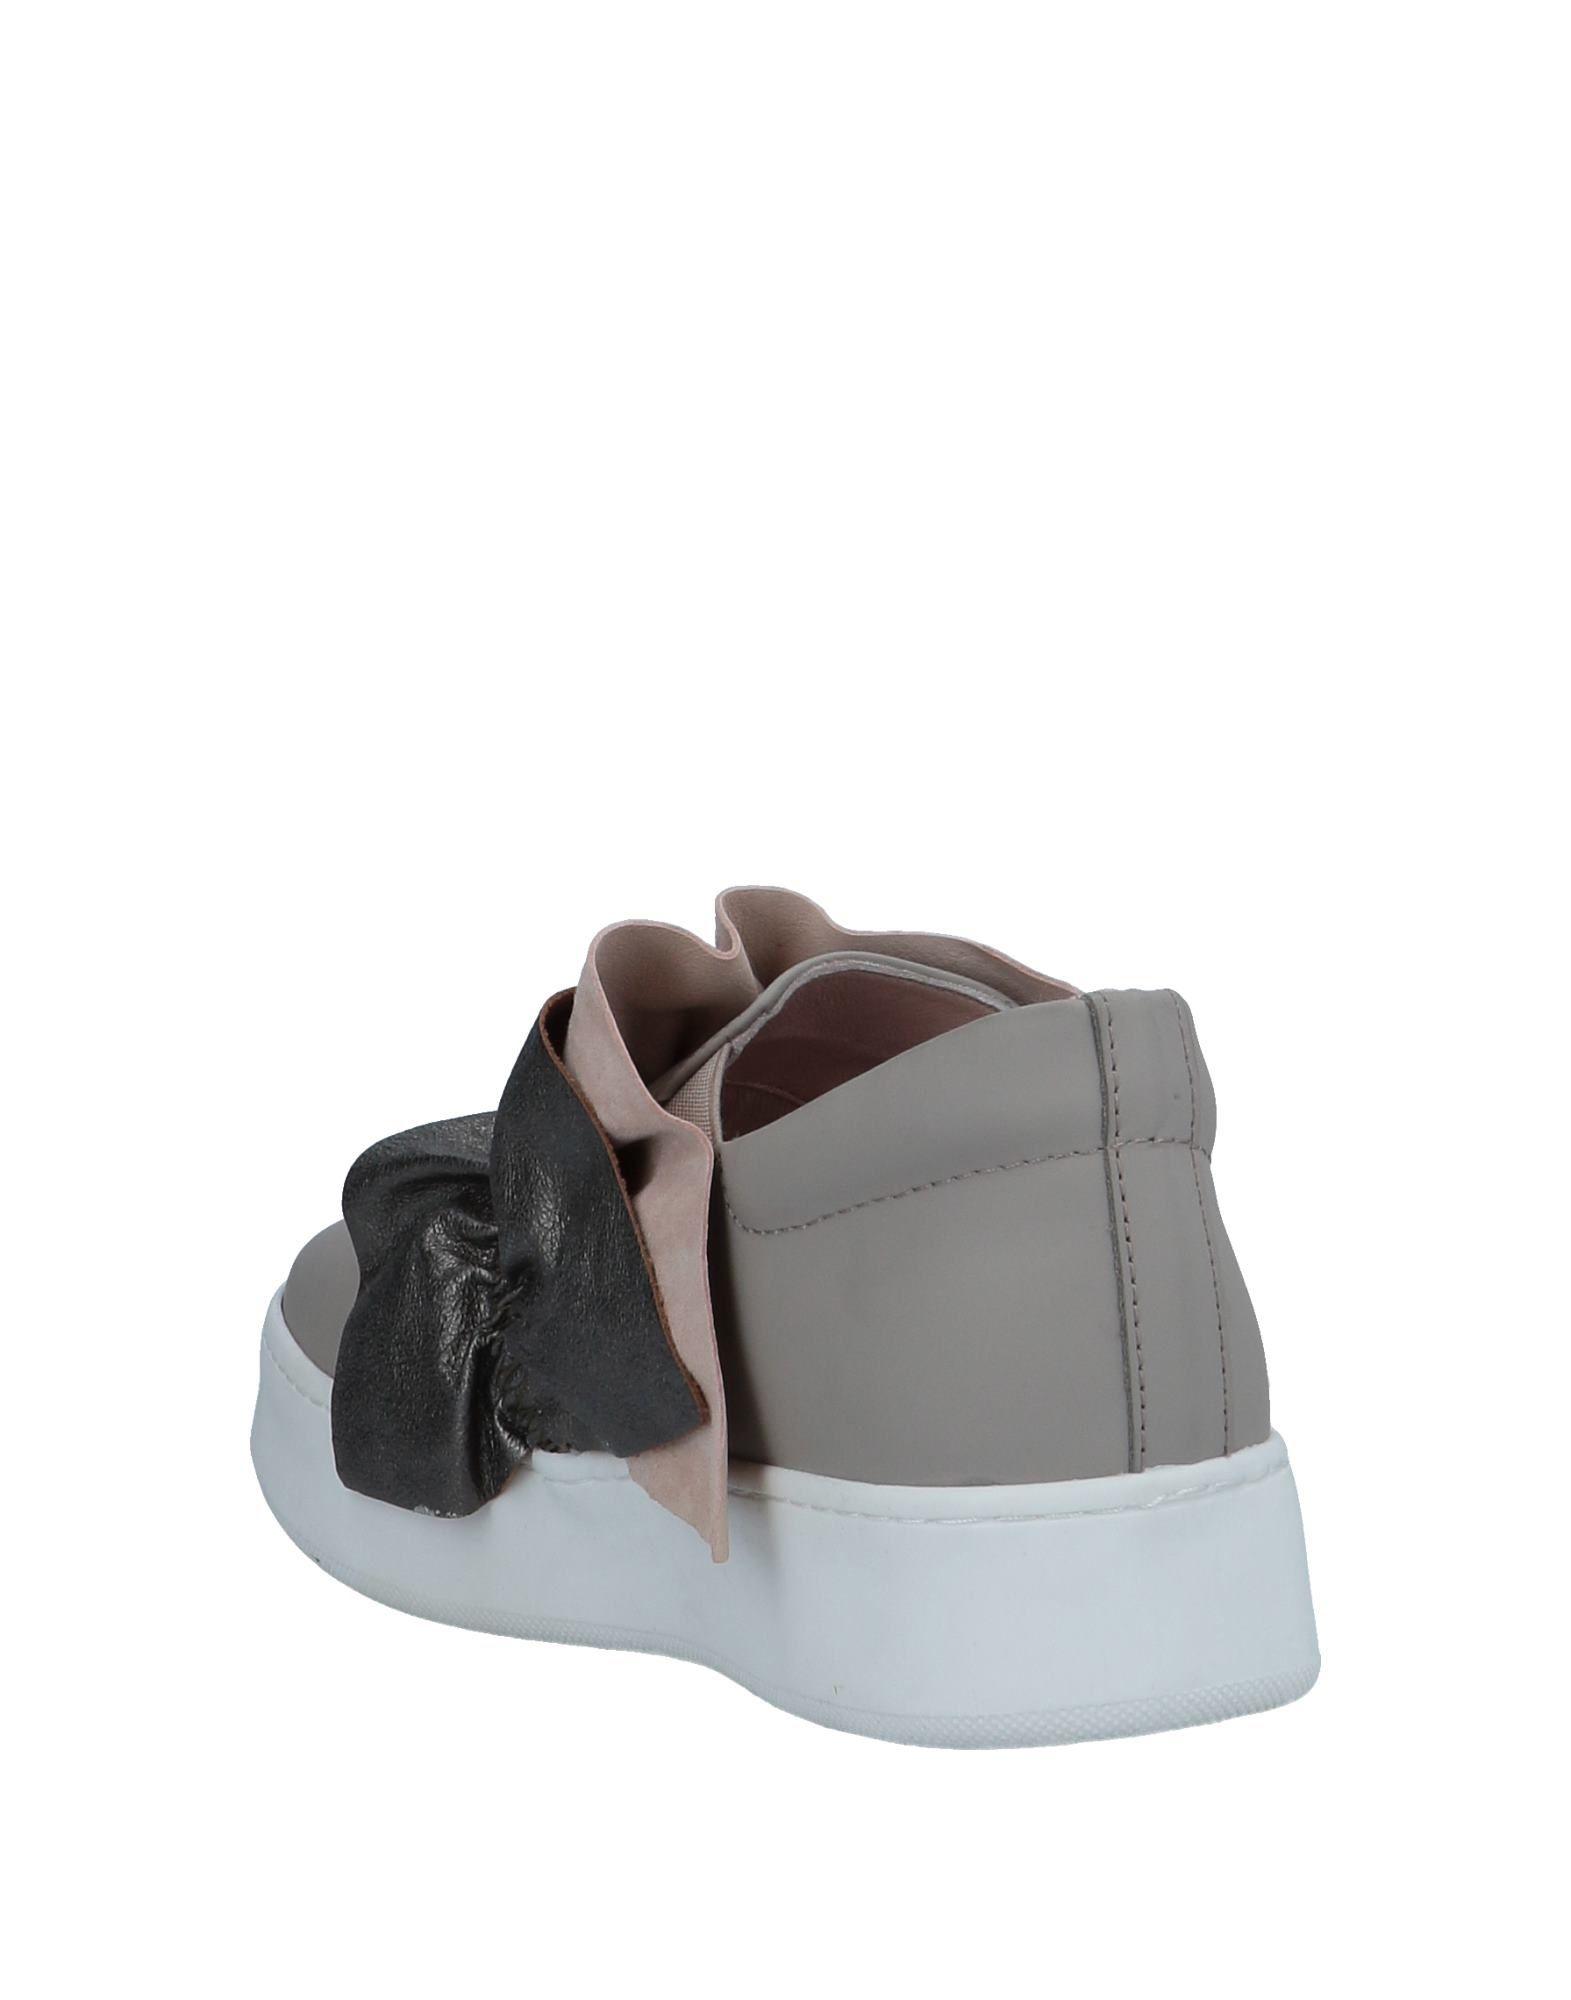 Pixy Pixy Pixy Sneakers Damen  11574143SX Gute Qualität beliebte Schuhe a5654e